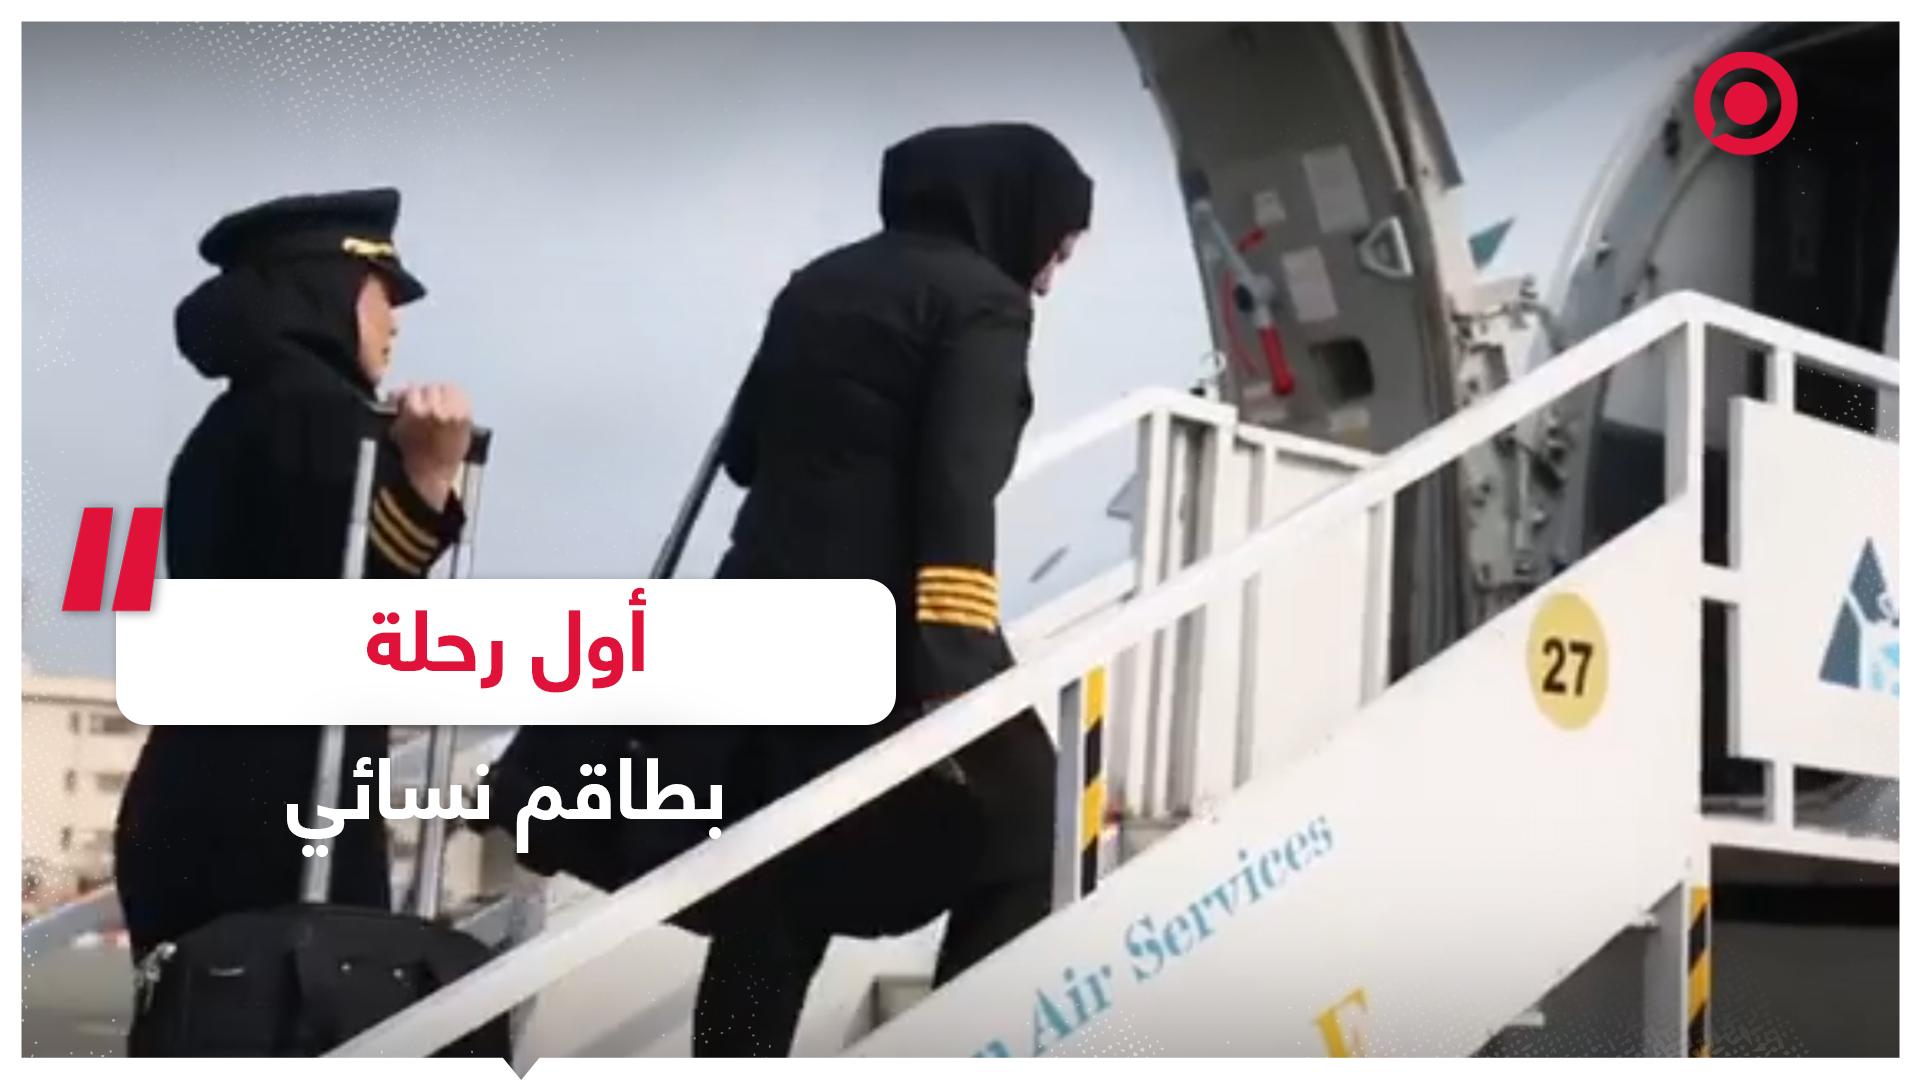 شركة طيران إيرانية تنفذ أول رحلة داخلية بطاقم كامل من النساء